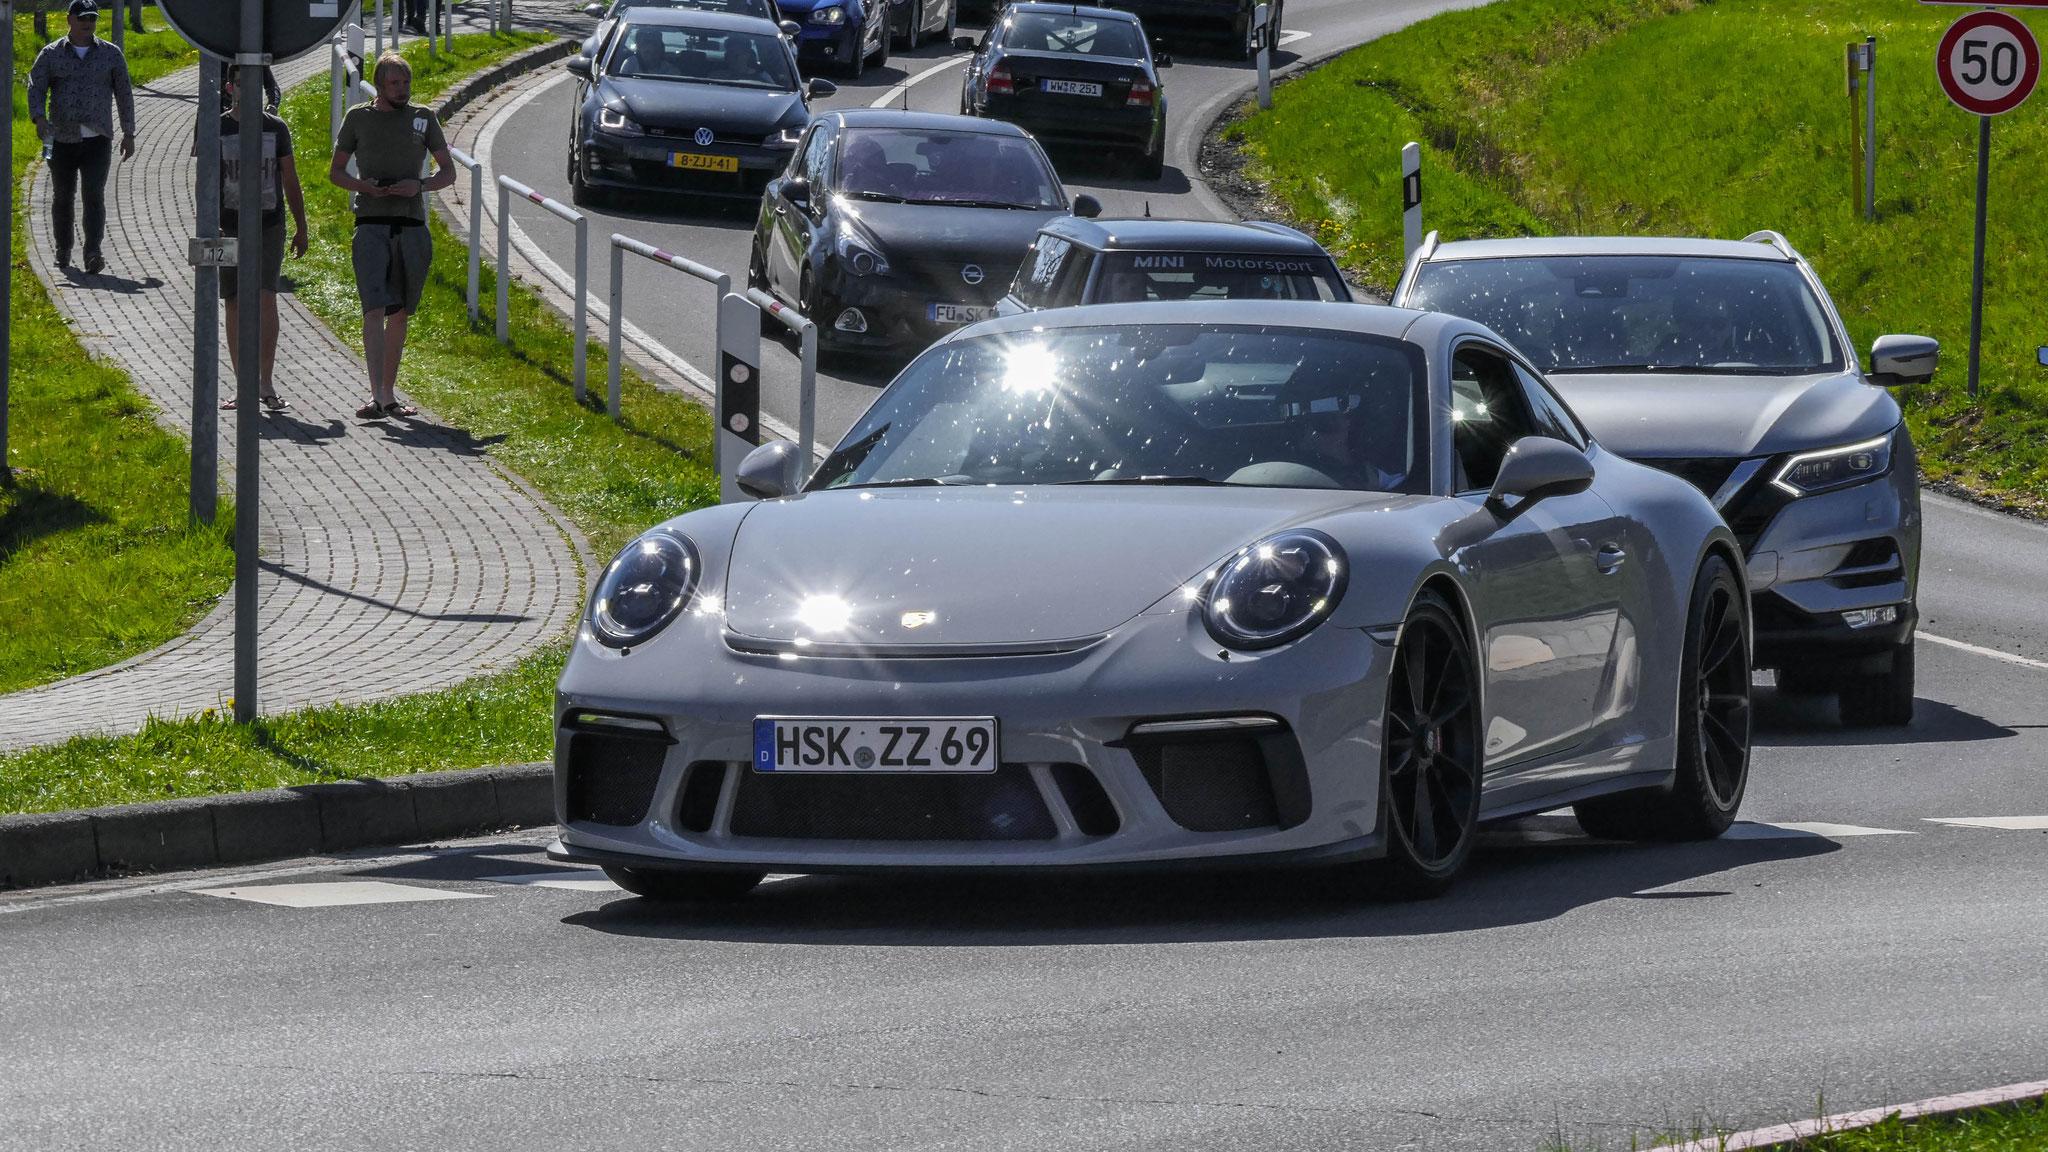 Porsche 991 GT3 - HSK-ZZ-69